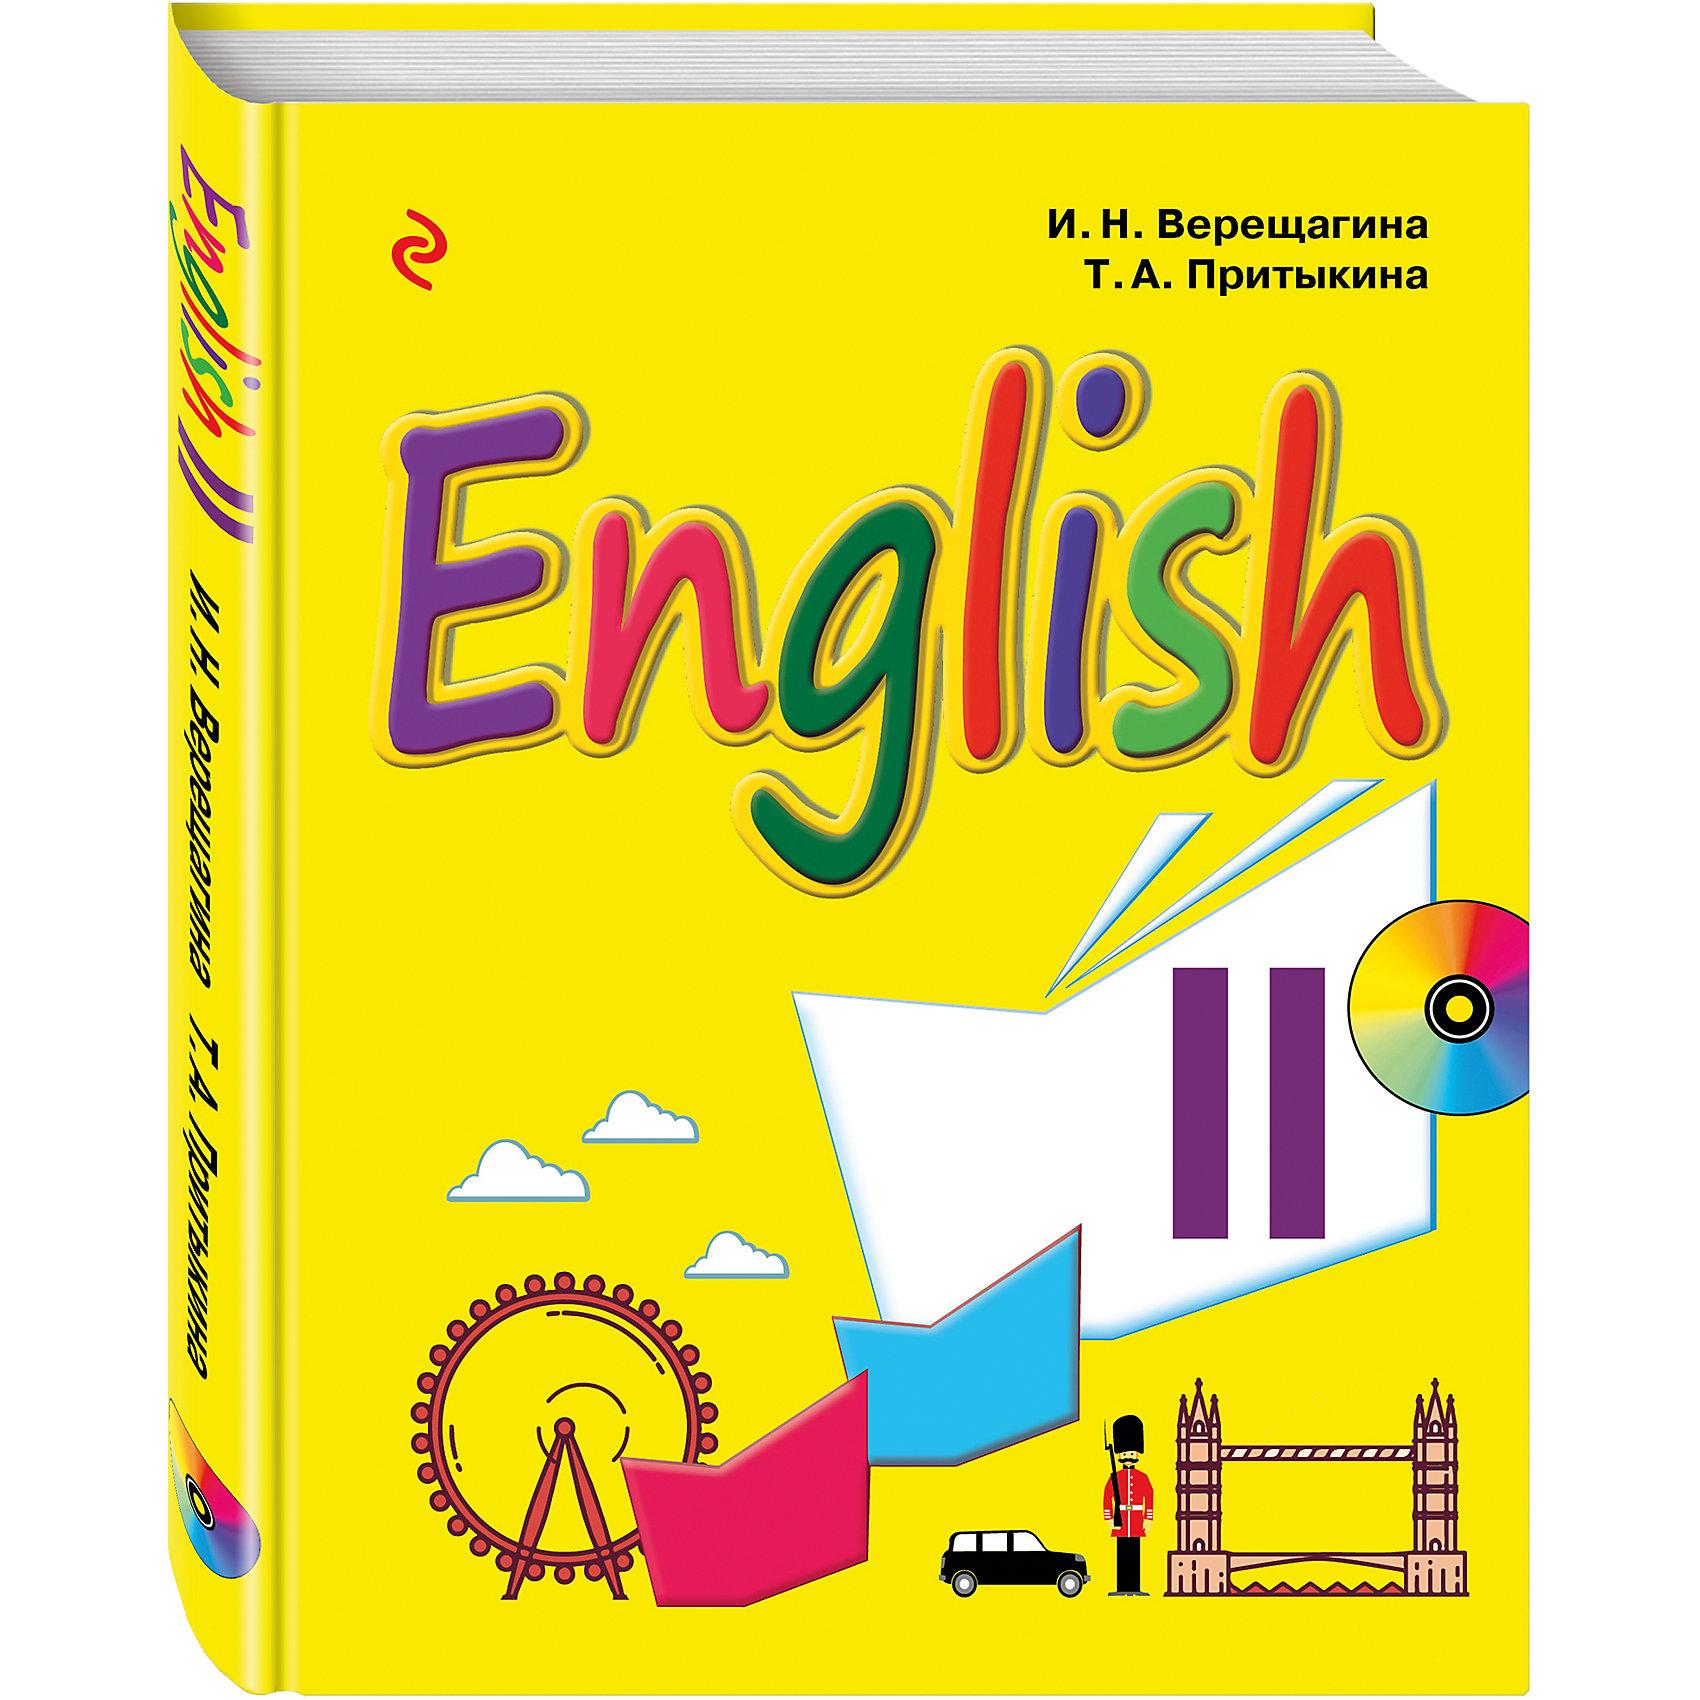 Учебник + CD Английский язык: II классЭксмо<br>Учебник представляет собой начальный курс английского языка для учащихся 2 класса школ с углубленным изучением английского языка, лицеев и гимназий. Изучая английский по этому учебнику, младшие школьники освоить фонетику, лексику и грамматику в рамках программы для 2 класса. Учащиеся приобретут также начальные коммуникативные навыки чтения, говорения, понимания речи на слух и письма. Учебник отличают простота, наглядность, доступность изложения материала и соответствие возрастным особенностям детей. Разнообразие упражнений для практики, интересные тексты и диалоги, наличие аудиозаписи в исполнении носителей языка делают учебник незаменимым при изучении английского языка в начальной школе.<br>Учебник предназначен для младших школьников, изучающих английский язык с преподавателем или репетитором, а также дома с родителями.<br>Учебник является частью учебно-методического комплекта, в который входят также рабочая тетрадь и методическое пособие для взрослых (книга для учителя).<br><br>Ширина мм: 230<br>Глубина мм: 180<br>Высота мм: 20<br>Вес г: 523<br>Возраст от месяцев: 72<br>Возраст до месяцев: 144<br>Пол: Унисекс<br>Возраст: Детский<br>SKU: 6878010